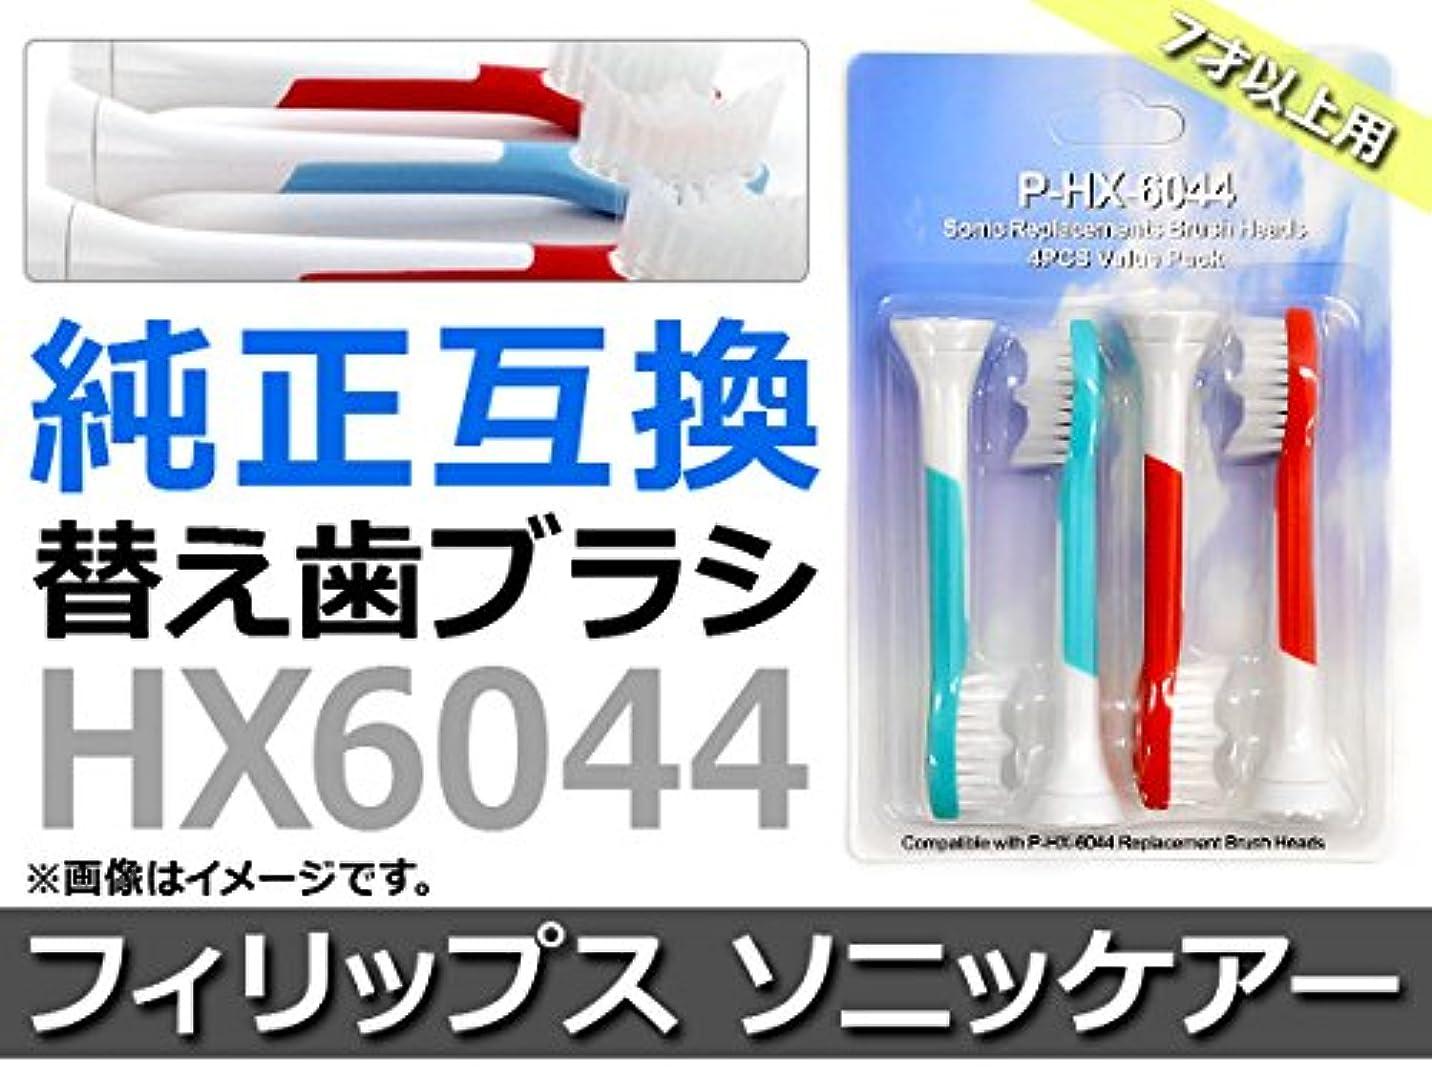 創始者祈る石鹸AP 電動 替え歯ブラシ フィリップス ソニッケアー HX6044 純正互換 7才以上用 AP-TH040 入数:1セット(4本)